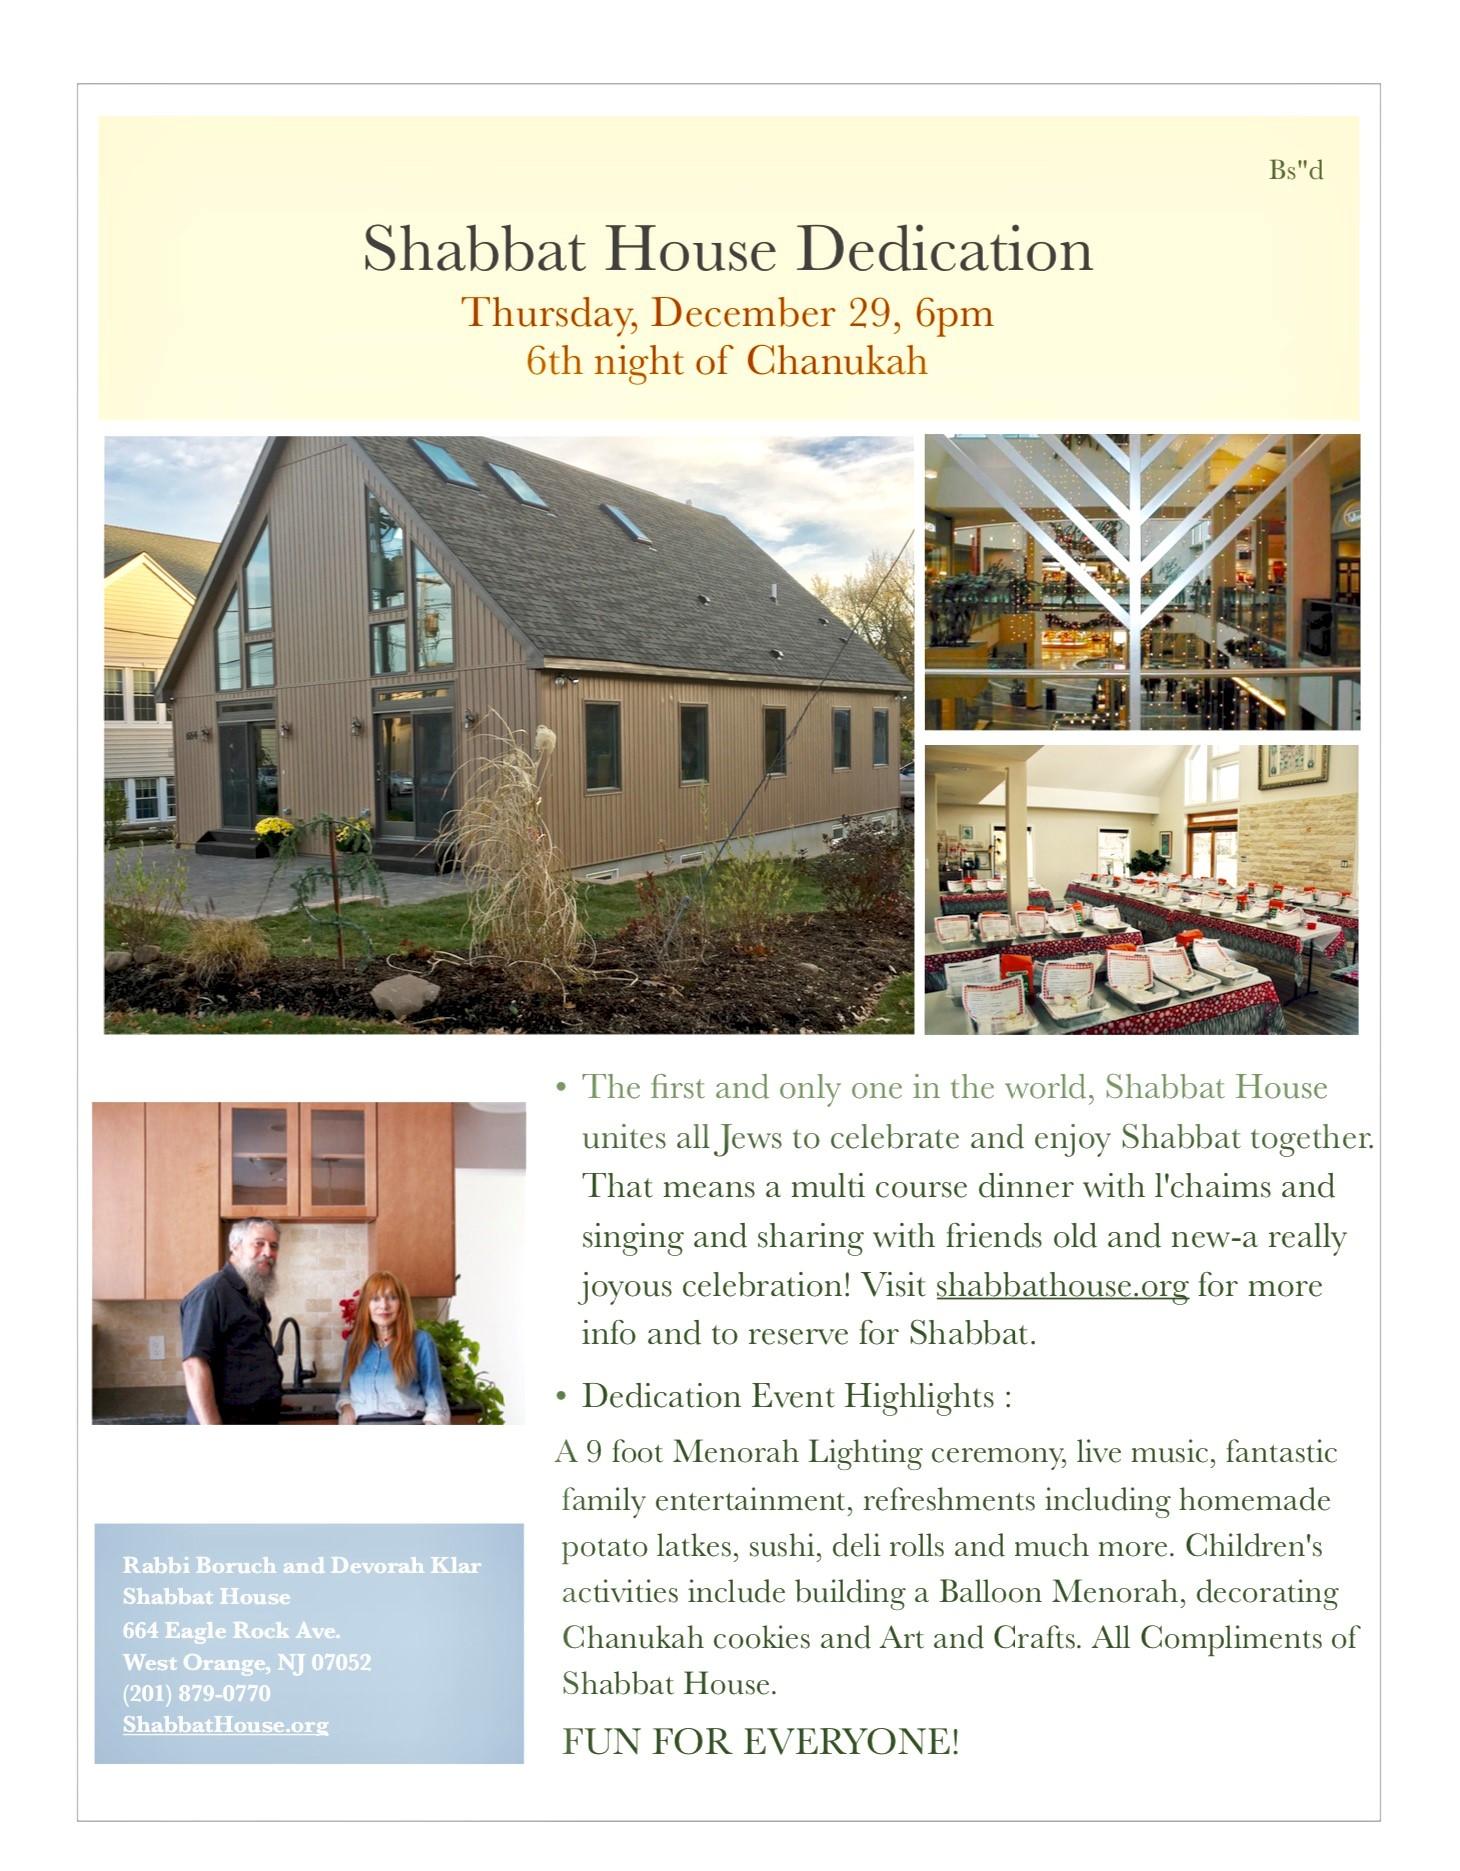 Shabbat House Dedication.jpg